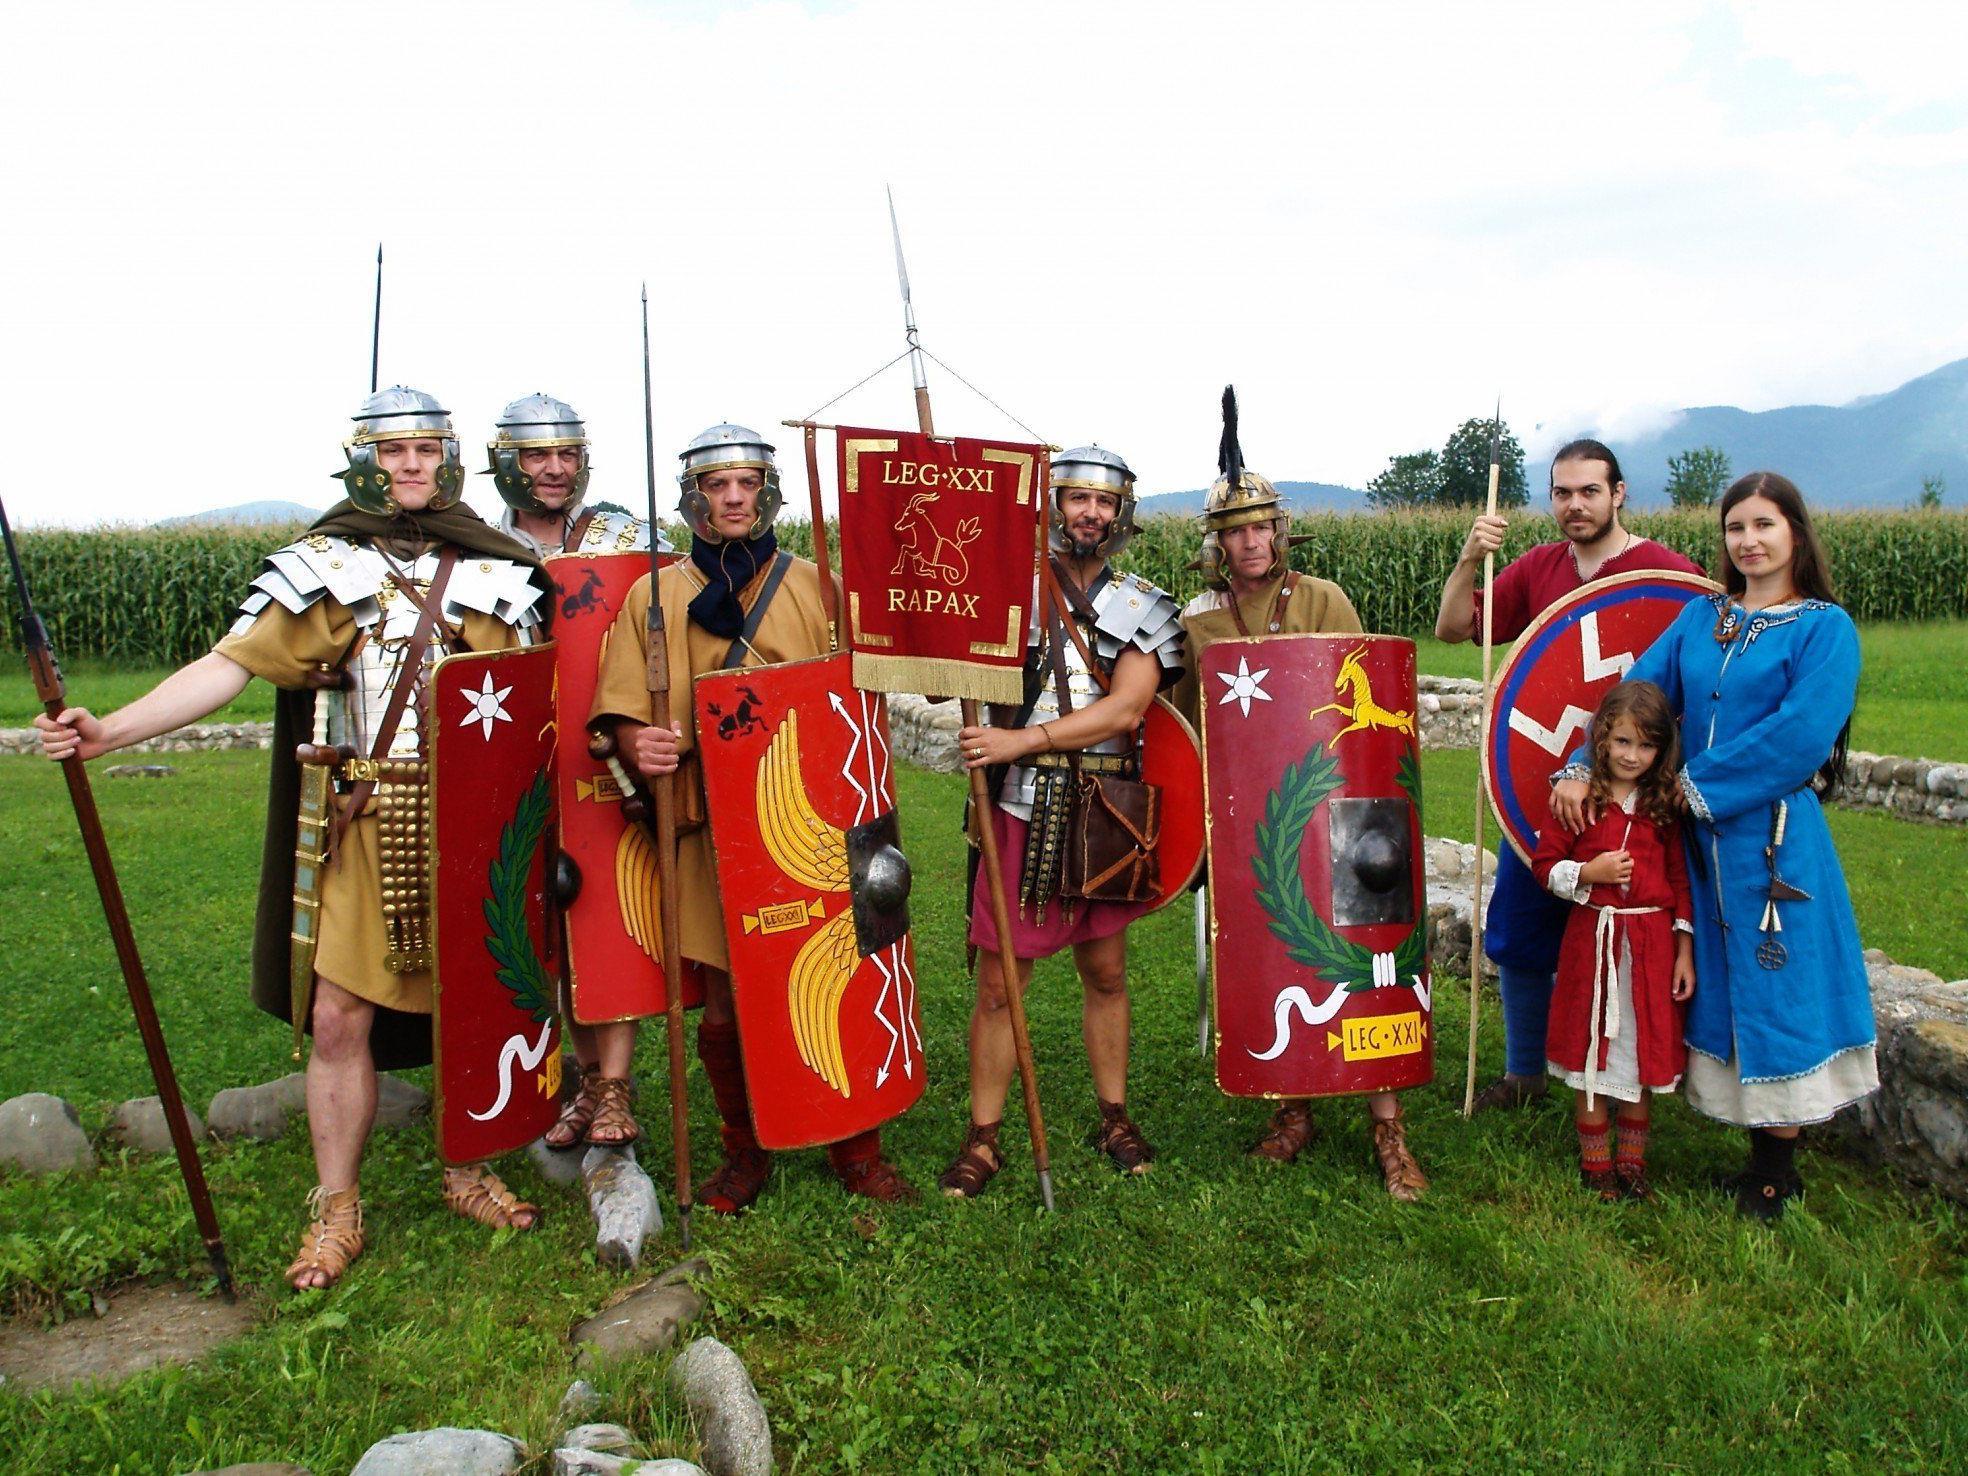 Die römischen Legionäre und eine Alamannen Gruppe sorgten im Freiluftmuseum für Begeisterung.